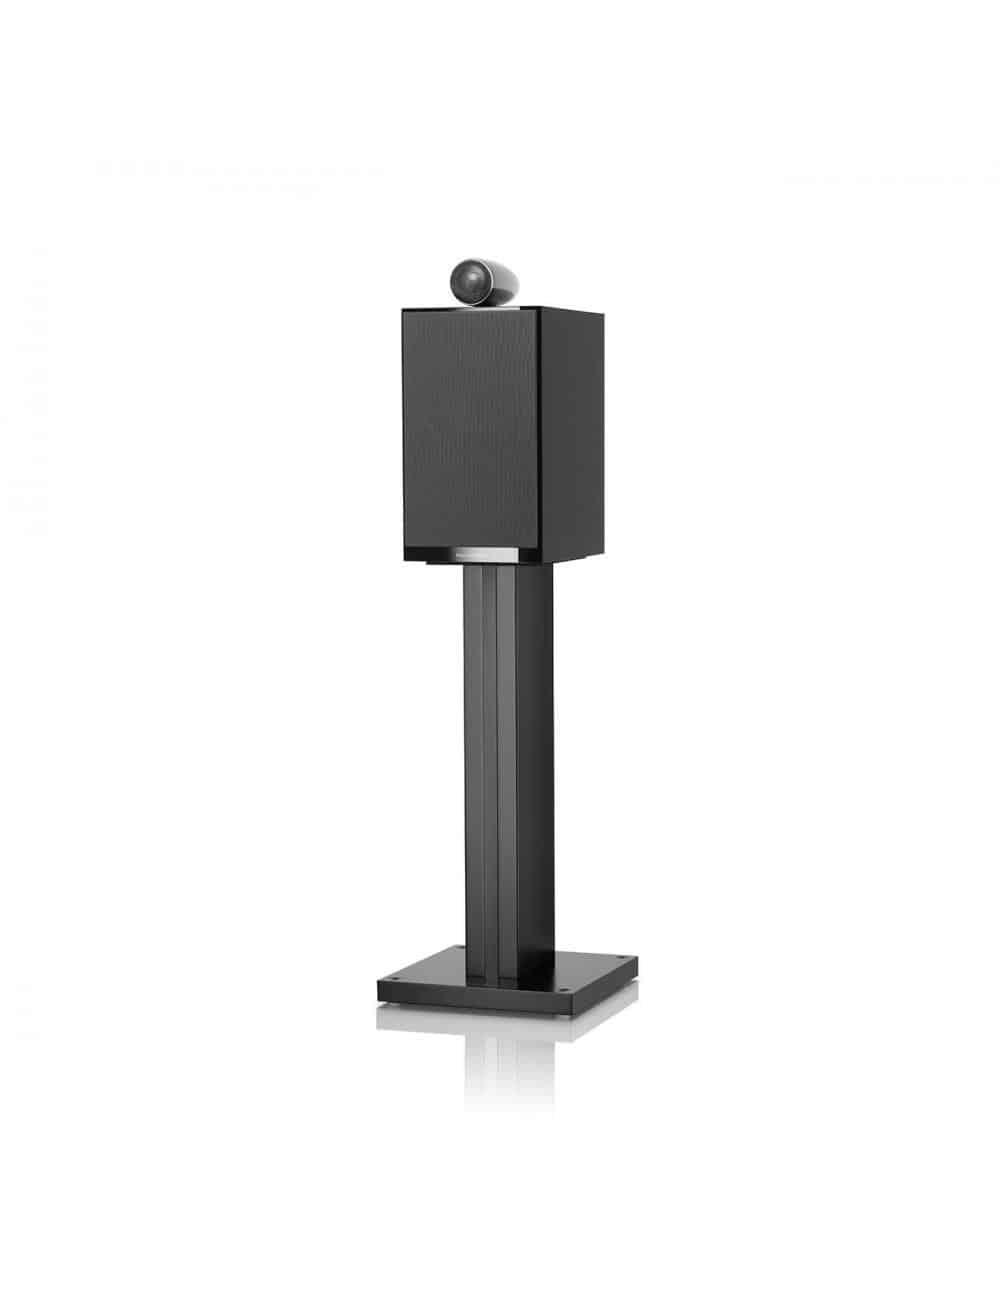 diffusori acustici da stand per hifi e home theater, Bowers & Wilkins 705, finitura nero lucido con griglia